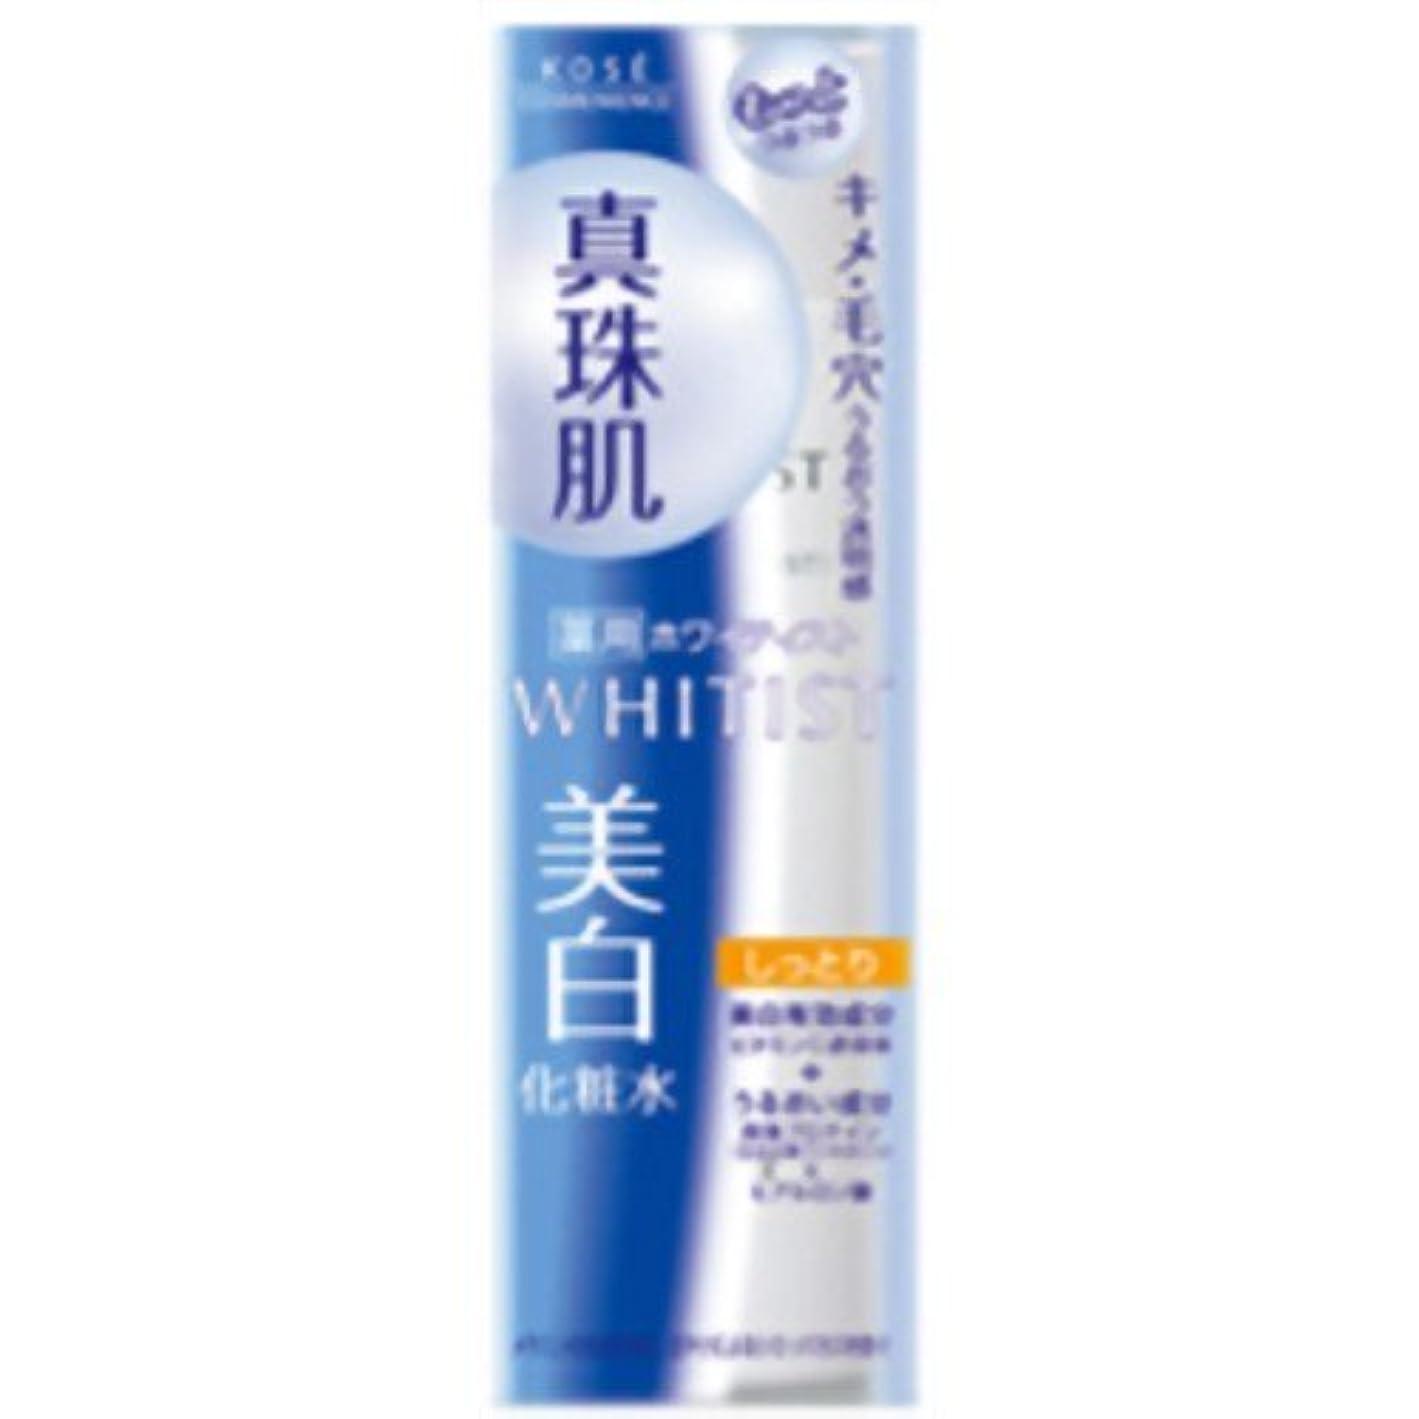 敏感な合成ほぼコーセー ホワイティスト EXローション(しっとり) 200ml